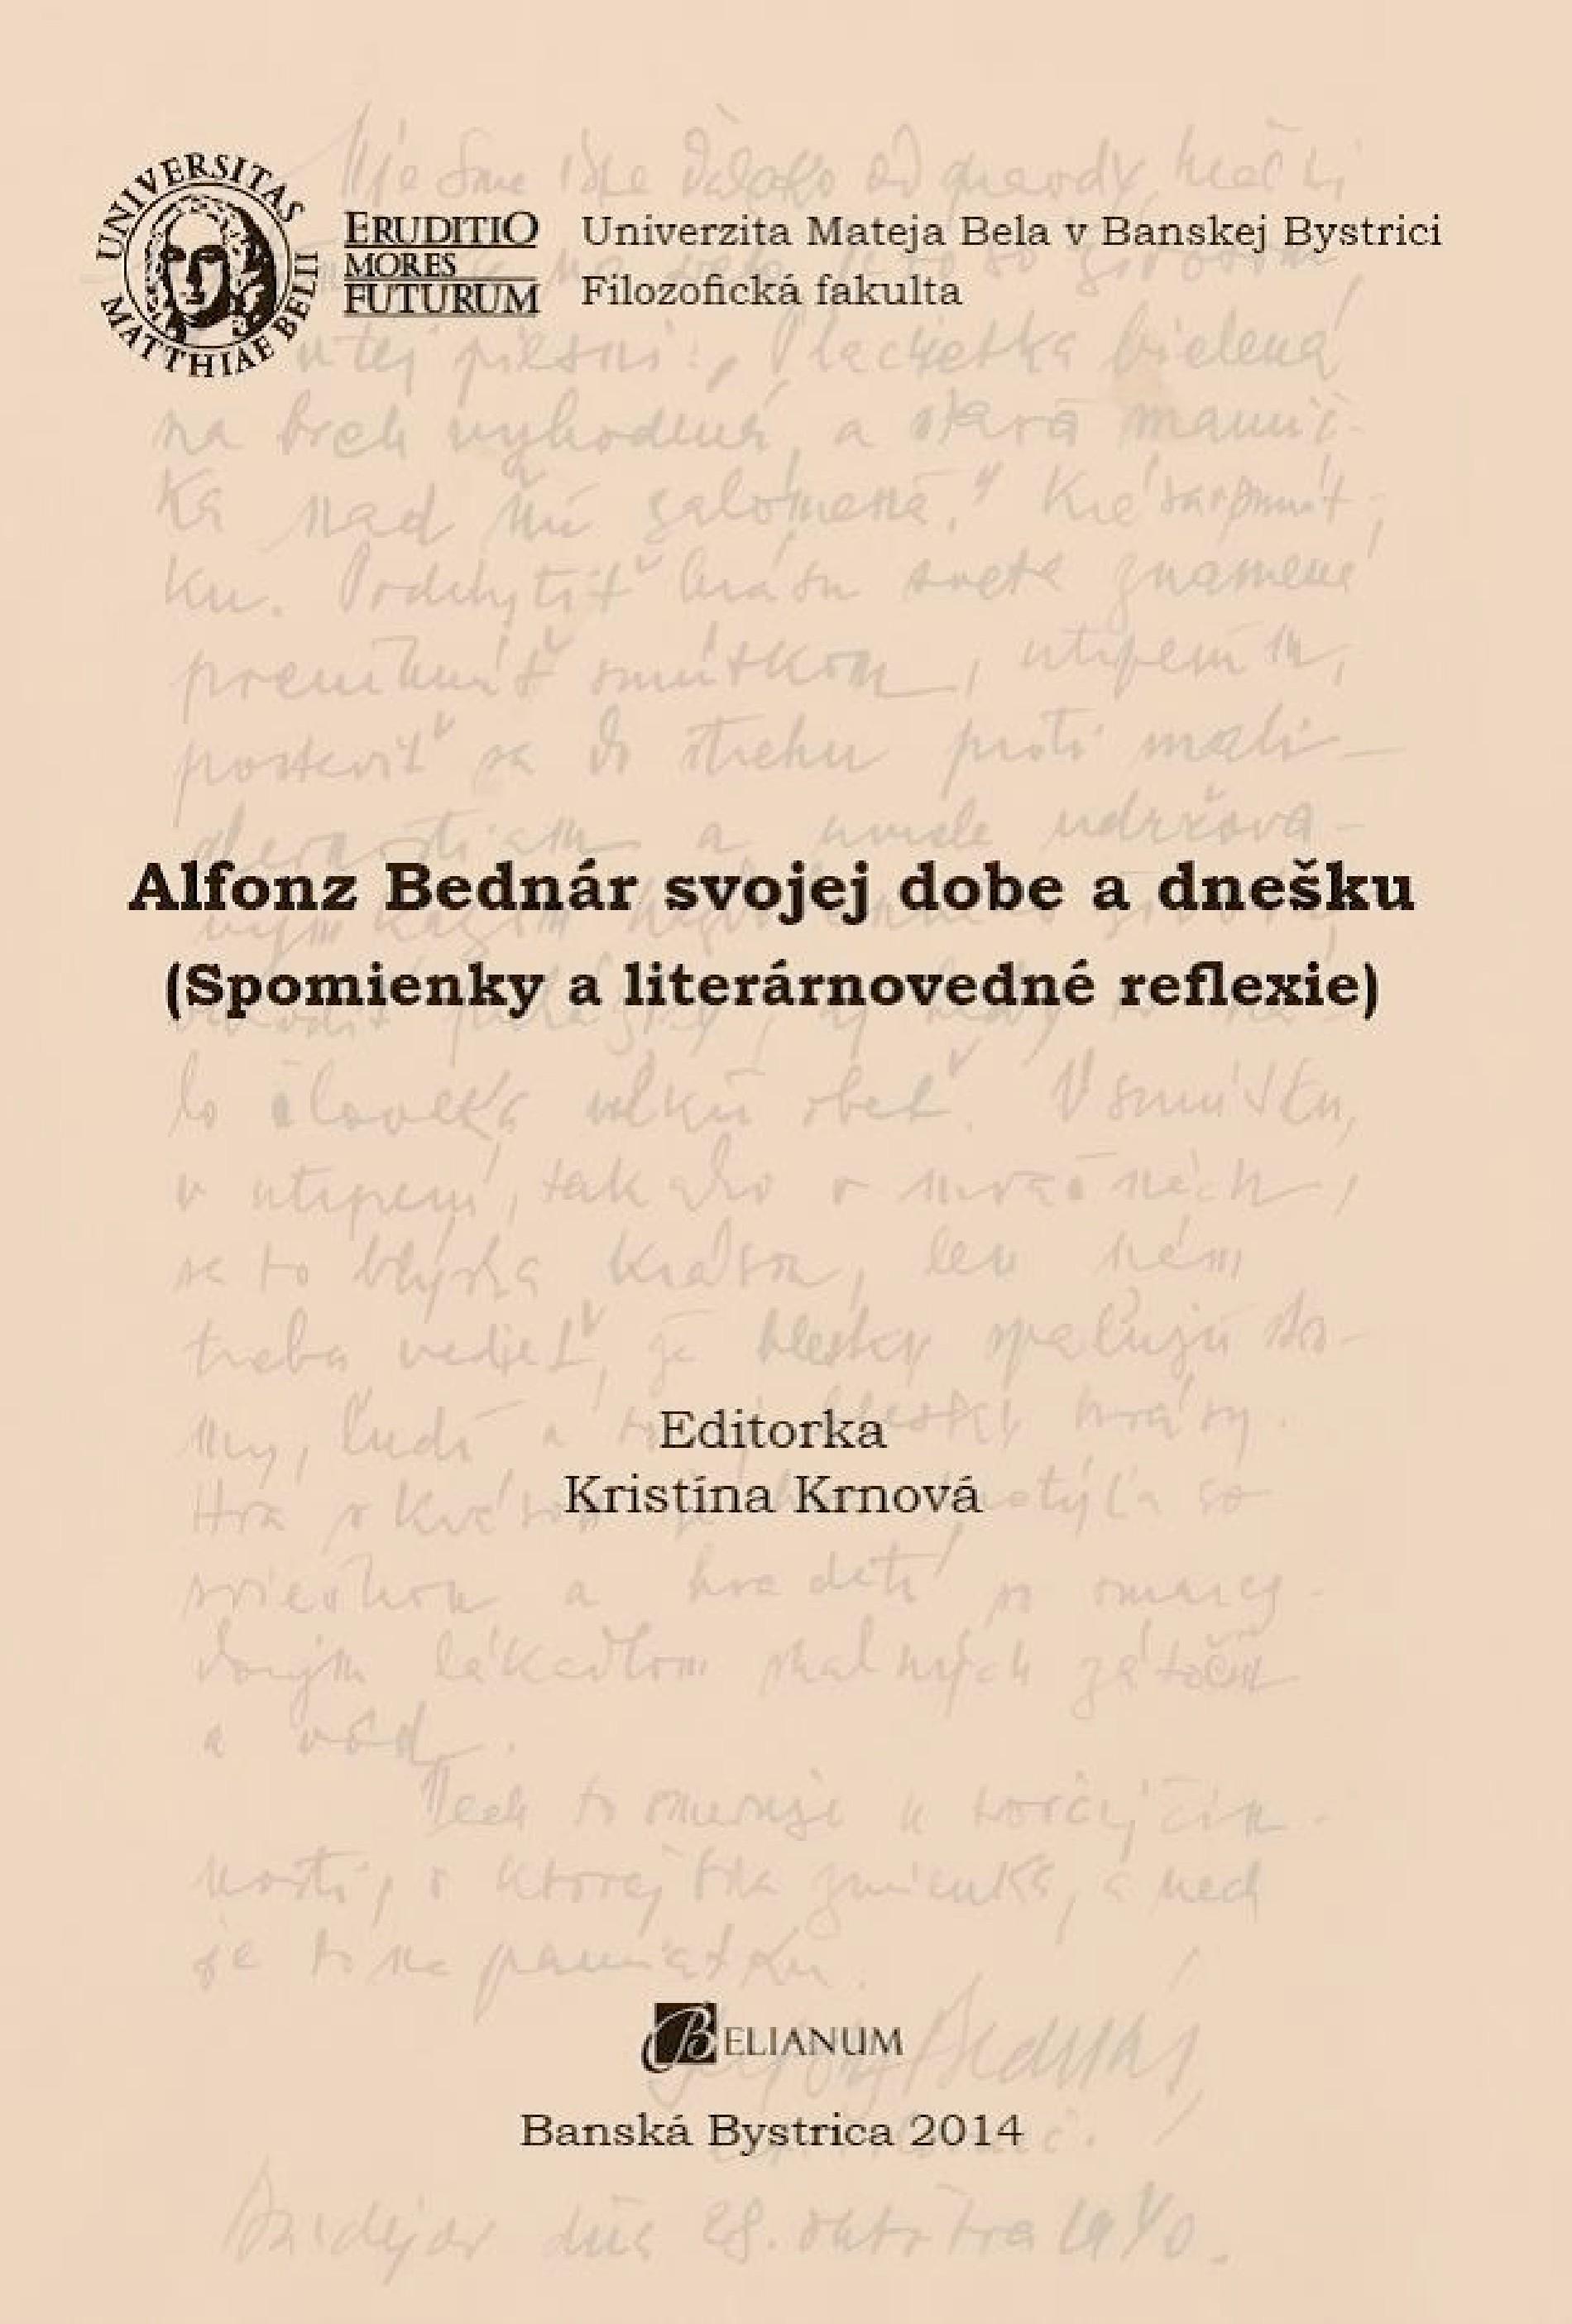 Alfonz Bednár svojej dobe a dnešku (Spomienky a literárnovedné reflexie)